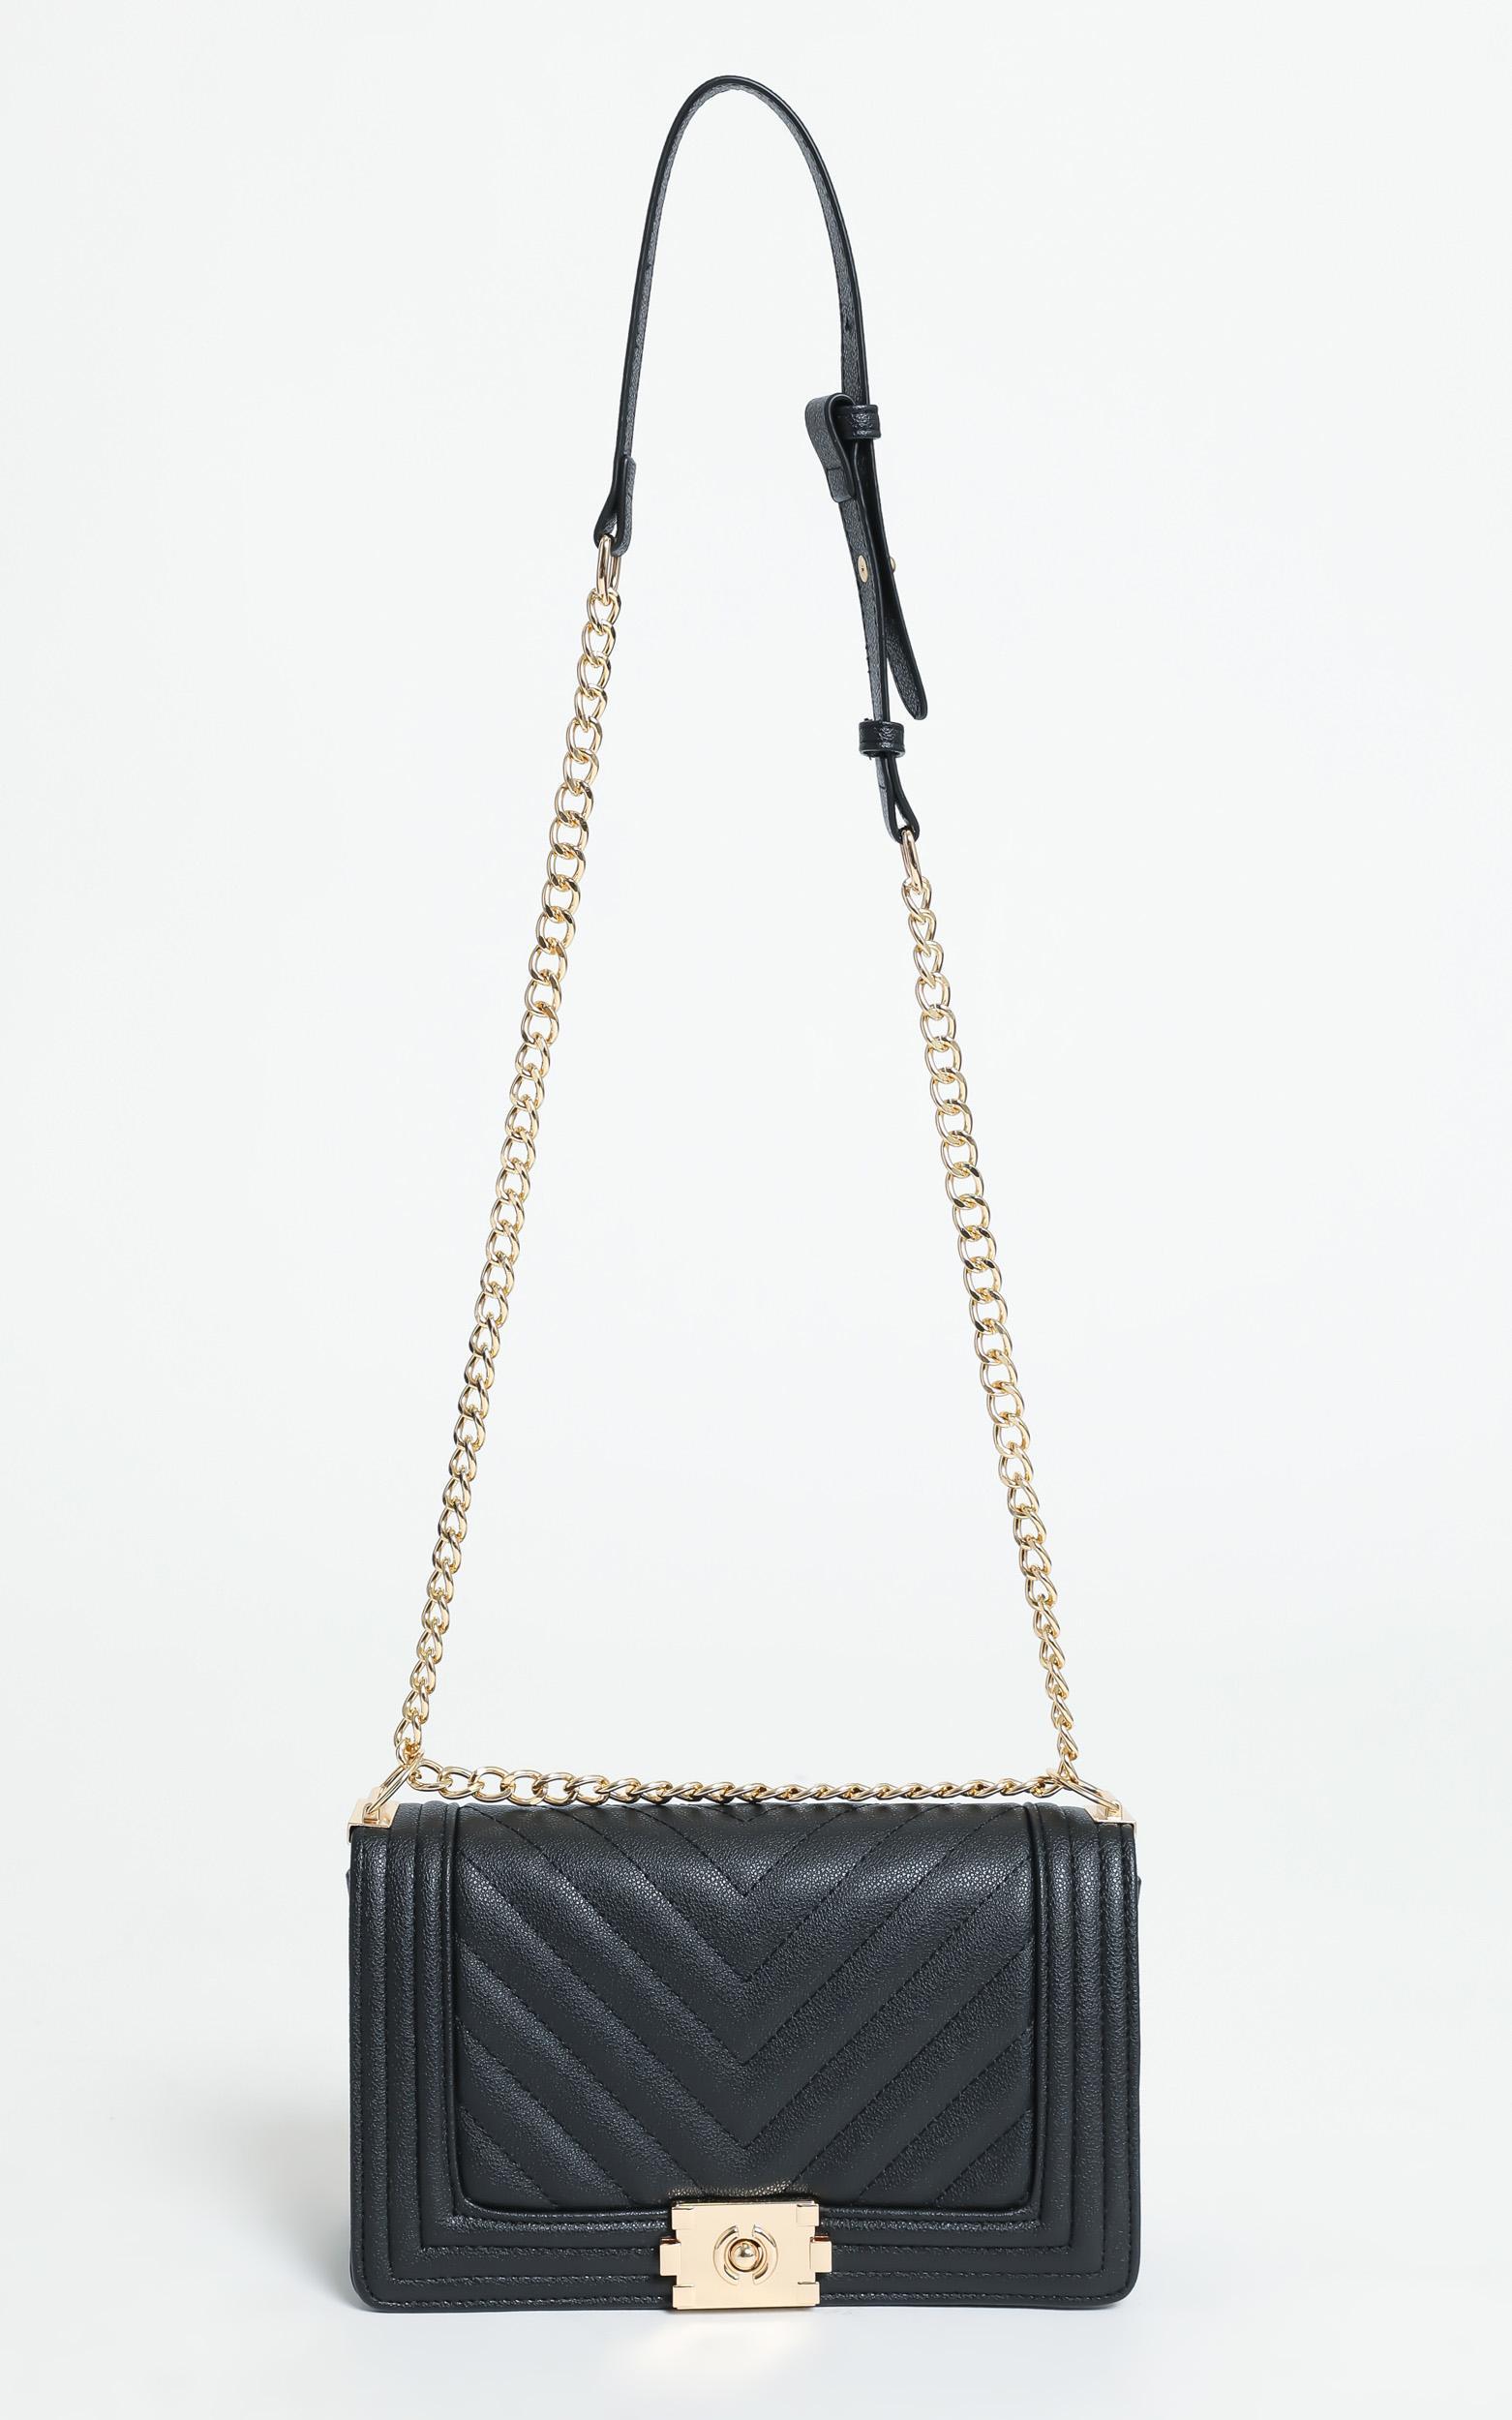 Ophelia Bag in Black, Black, hi-res image number null